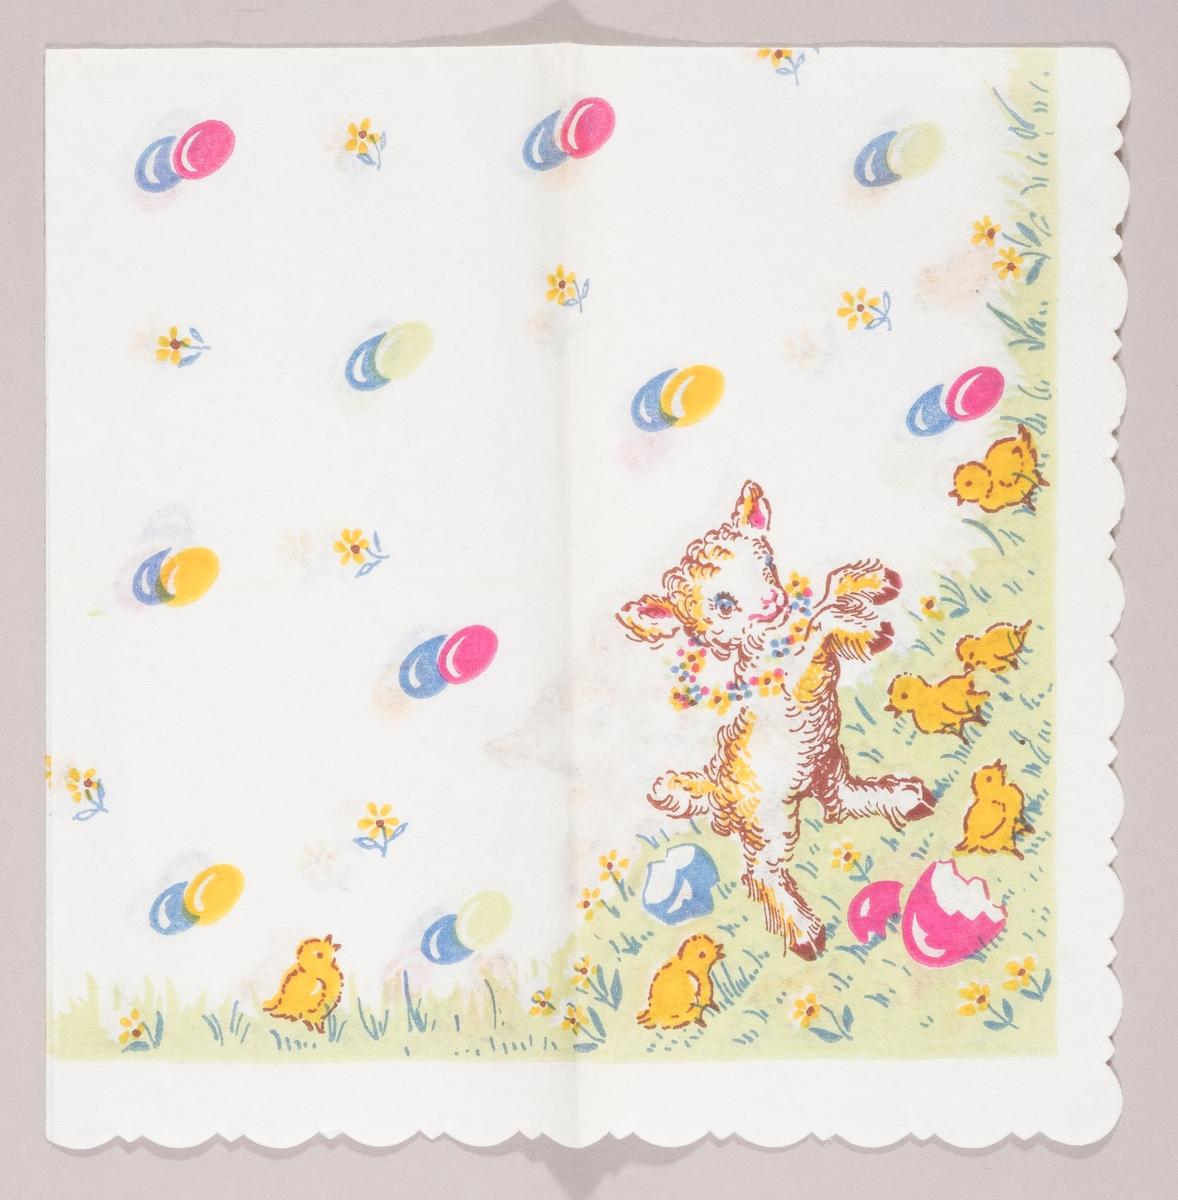 Et påskelam med en blomsterkrans om halsen. Kyllinger på en gressplen med skaller fra påskeegg. Påskeegg i par og gule blomster.